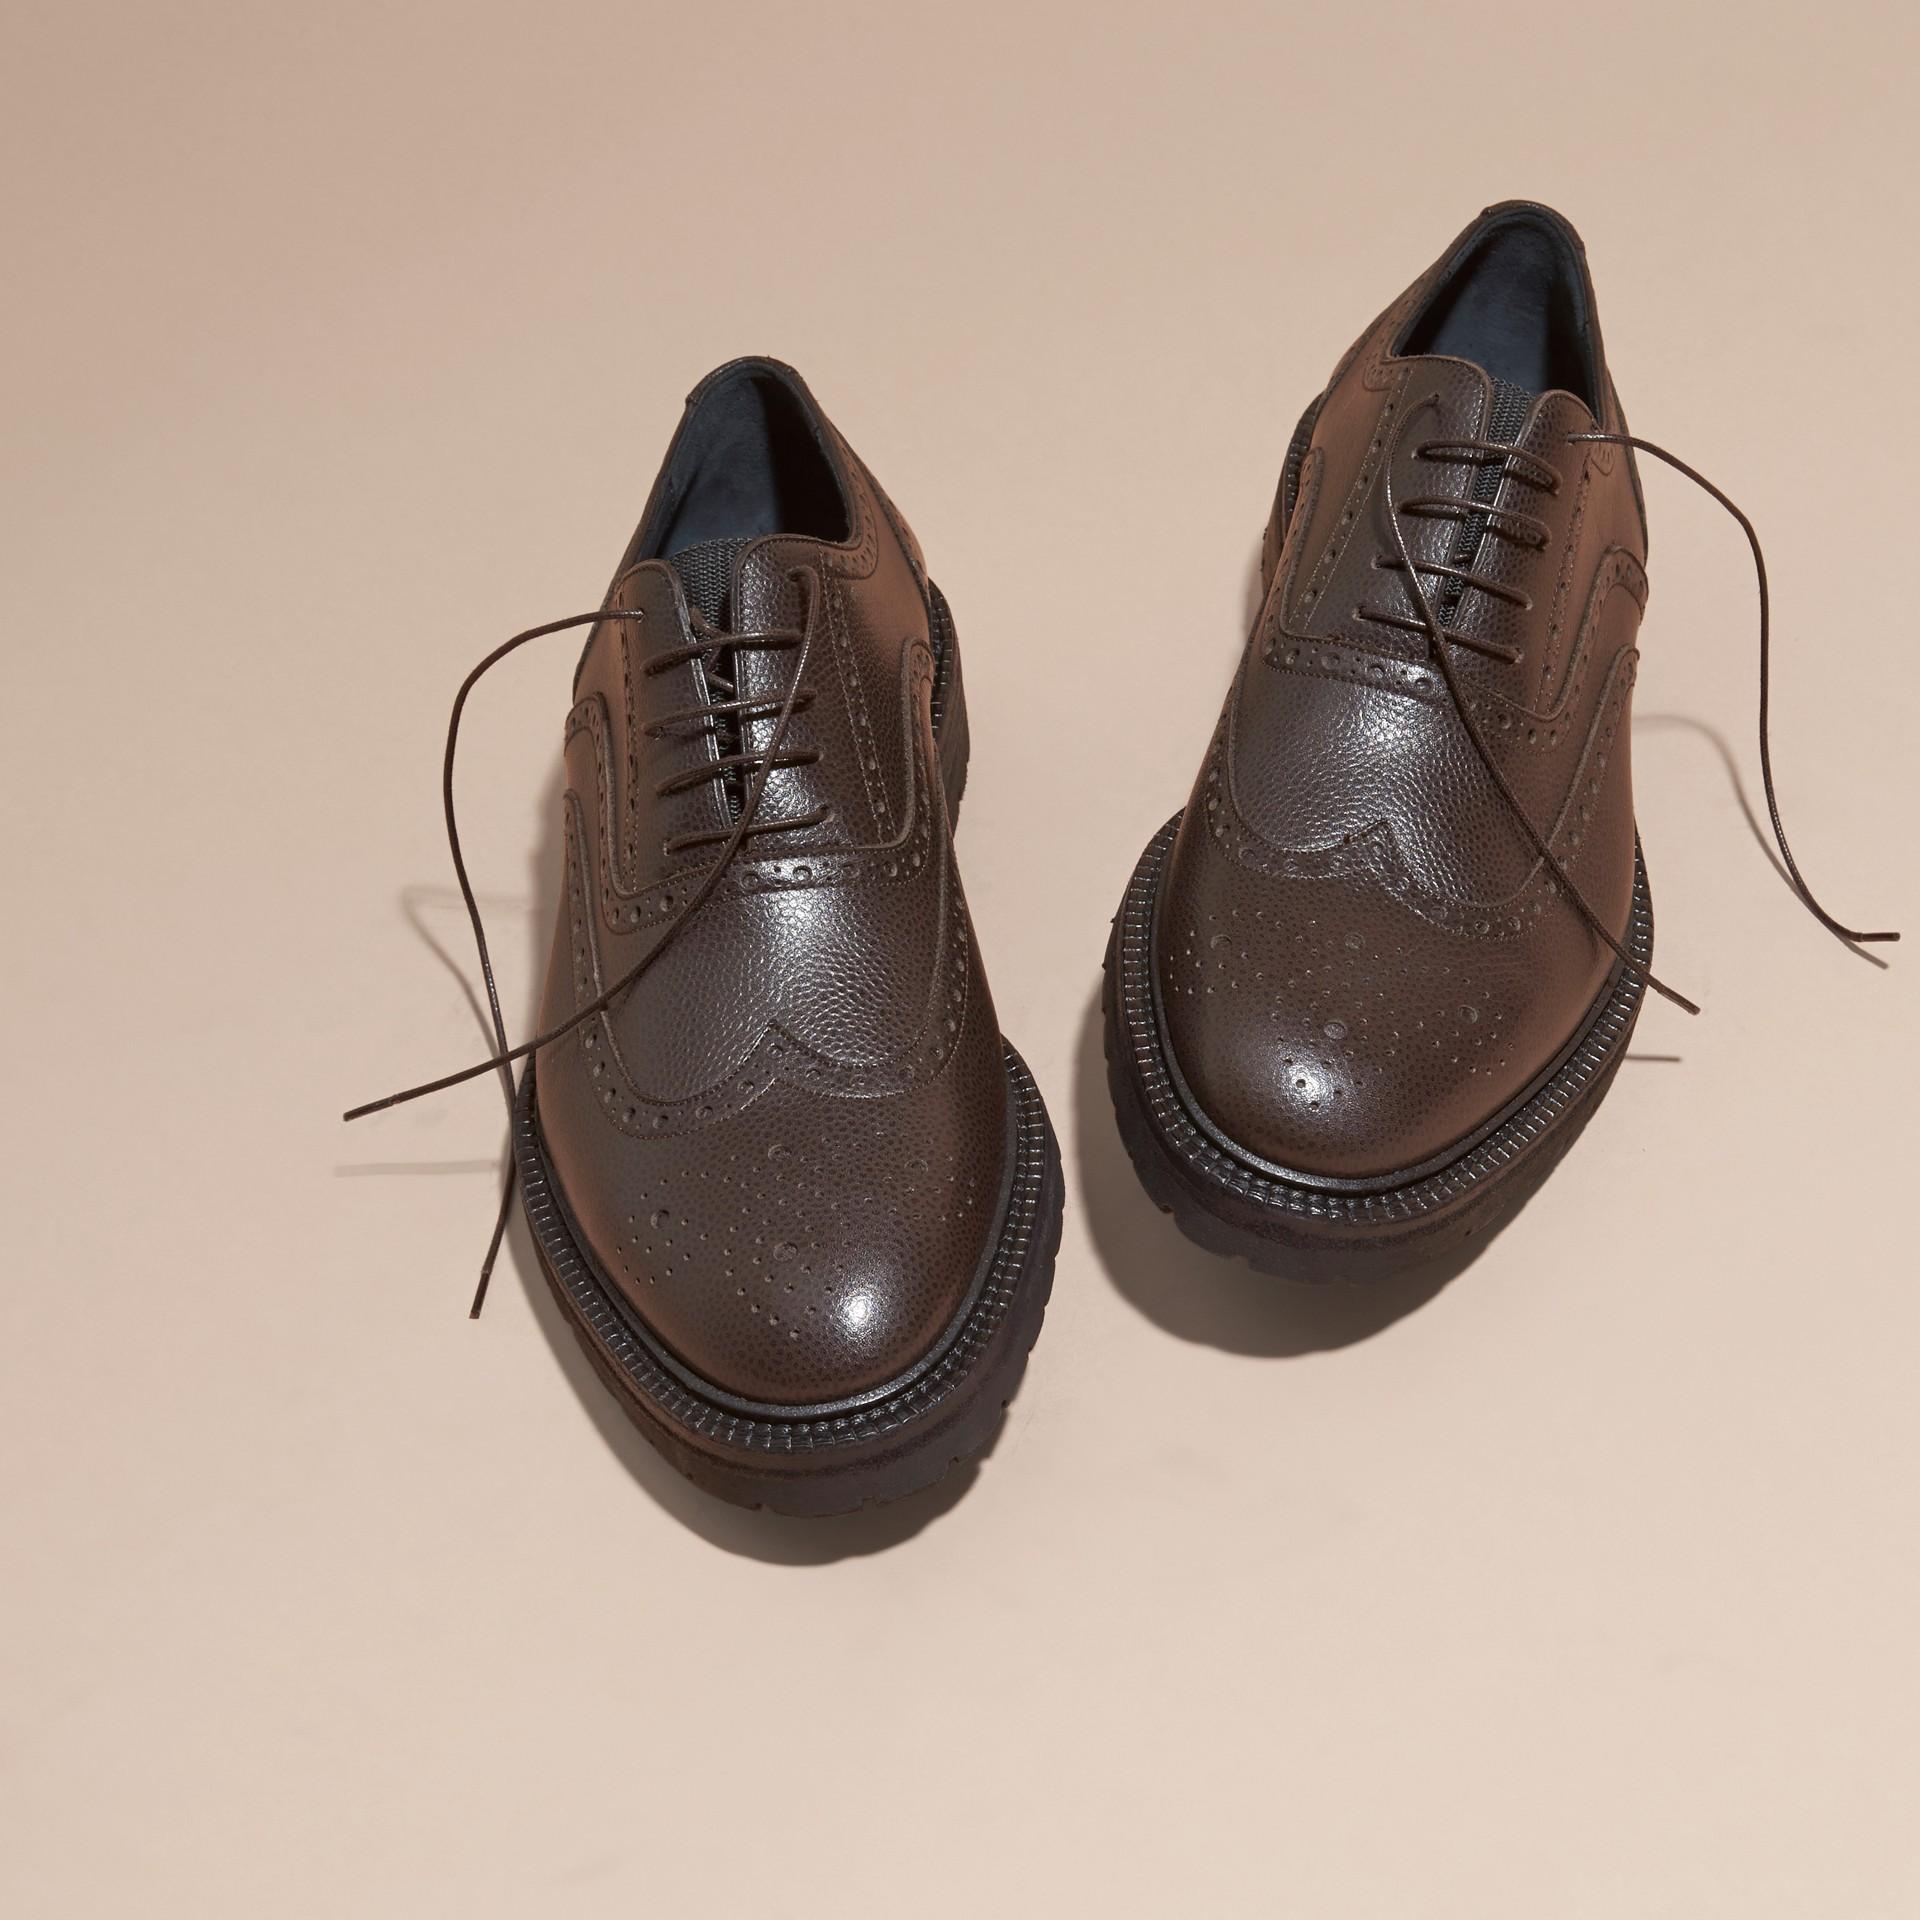 Chocolat amer Chaussures Richelieu en cuir grené à bout golf avec semelles en caoutchouc Chocolat Amer - photo de la galerie 3